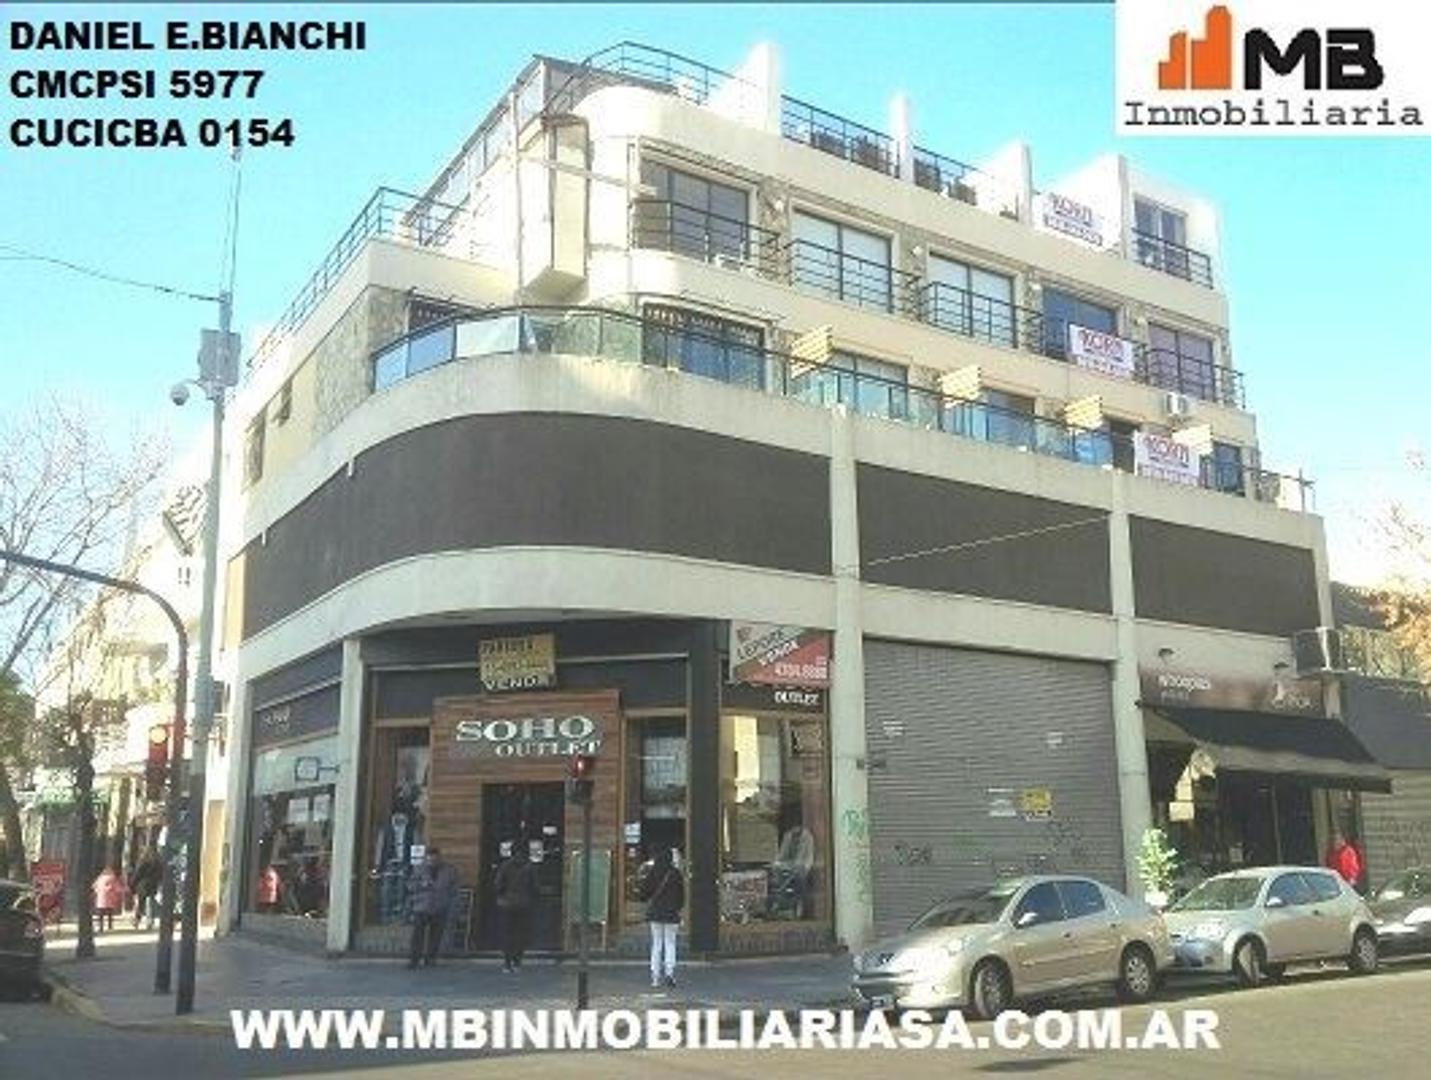 Palermo Soho venta propiedad en Serrano al 700